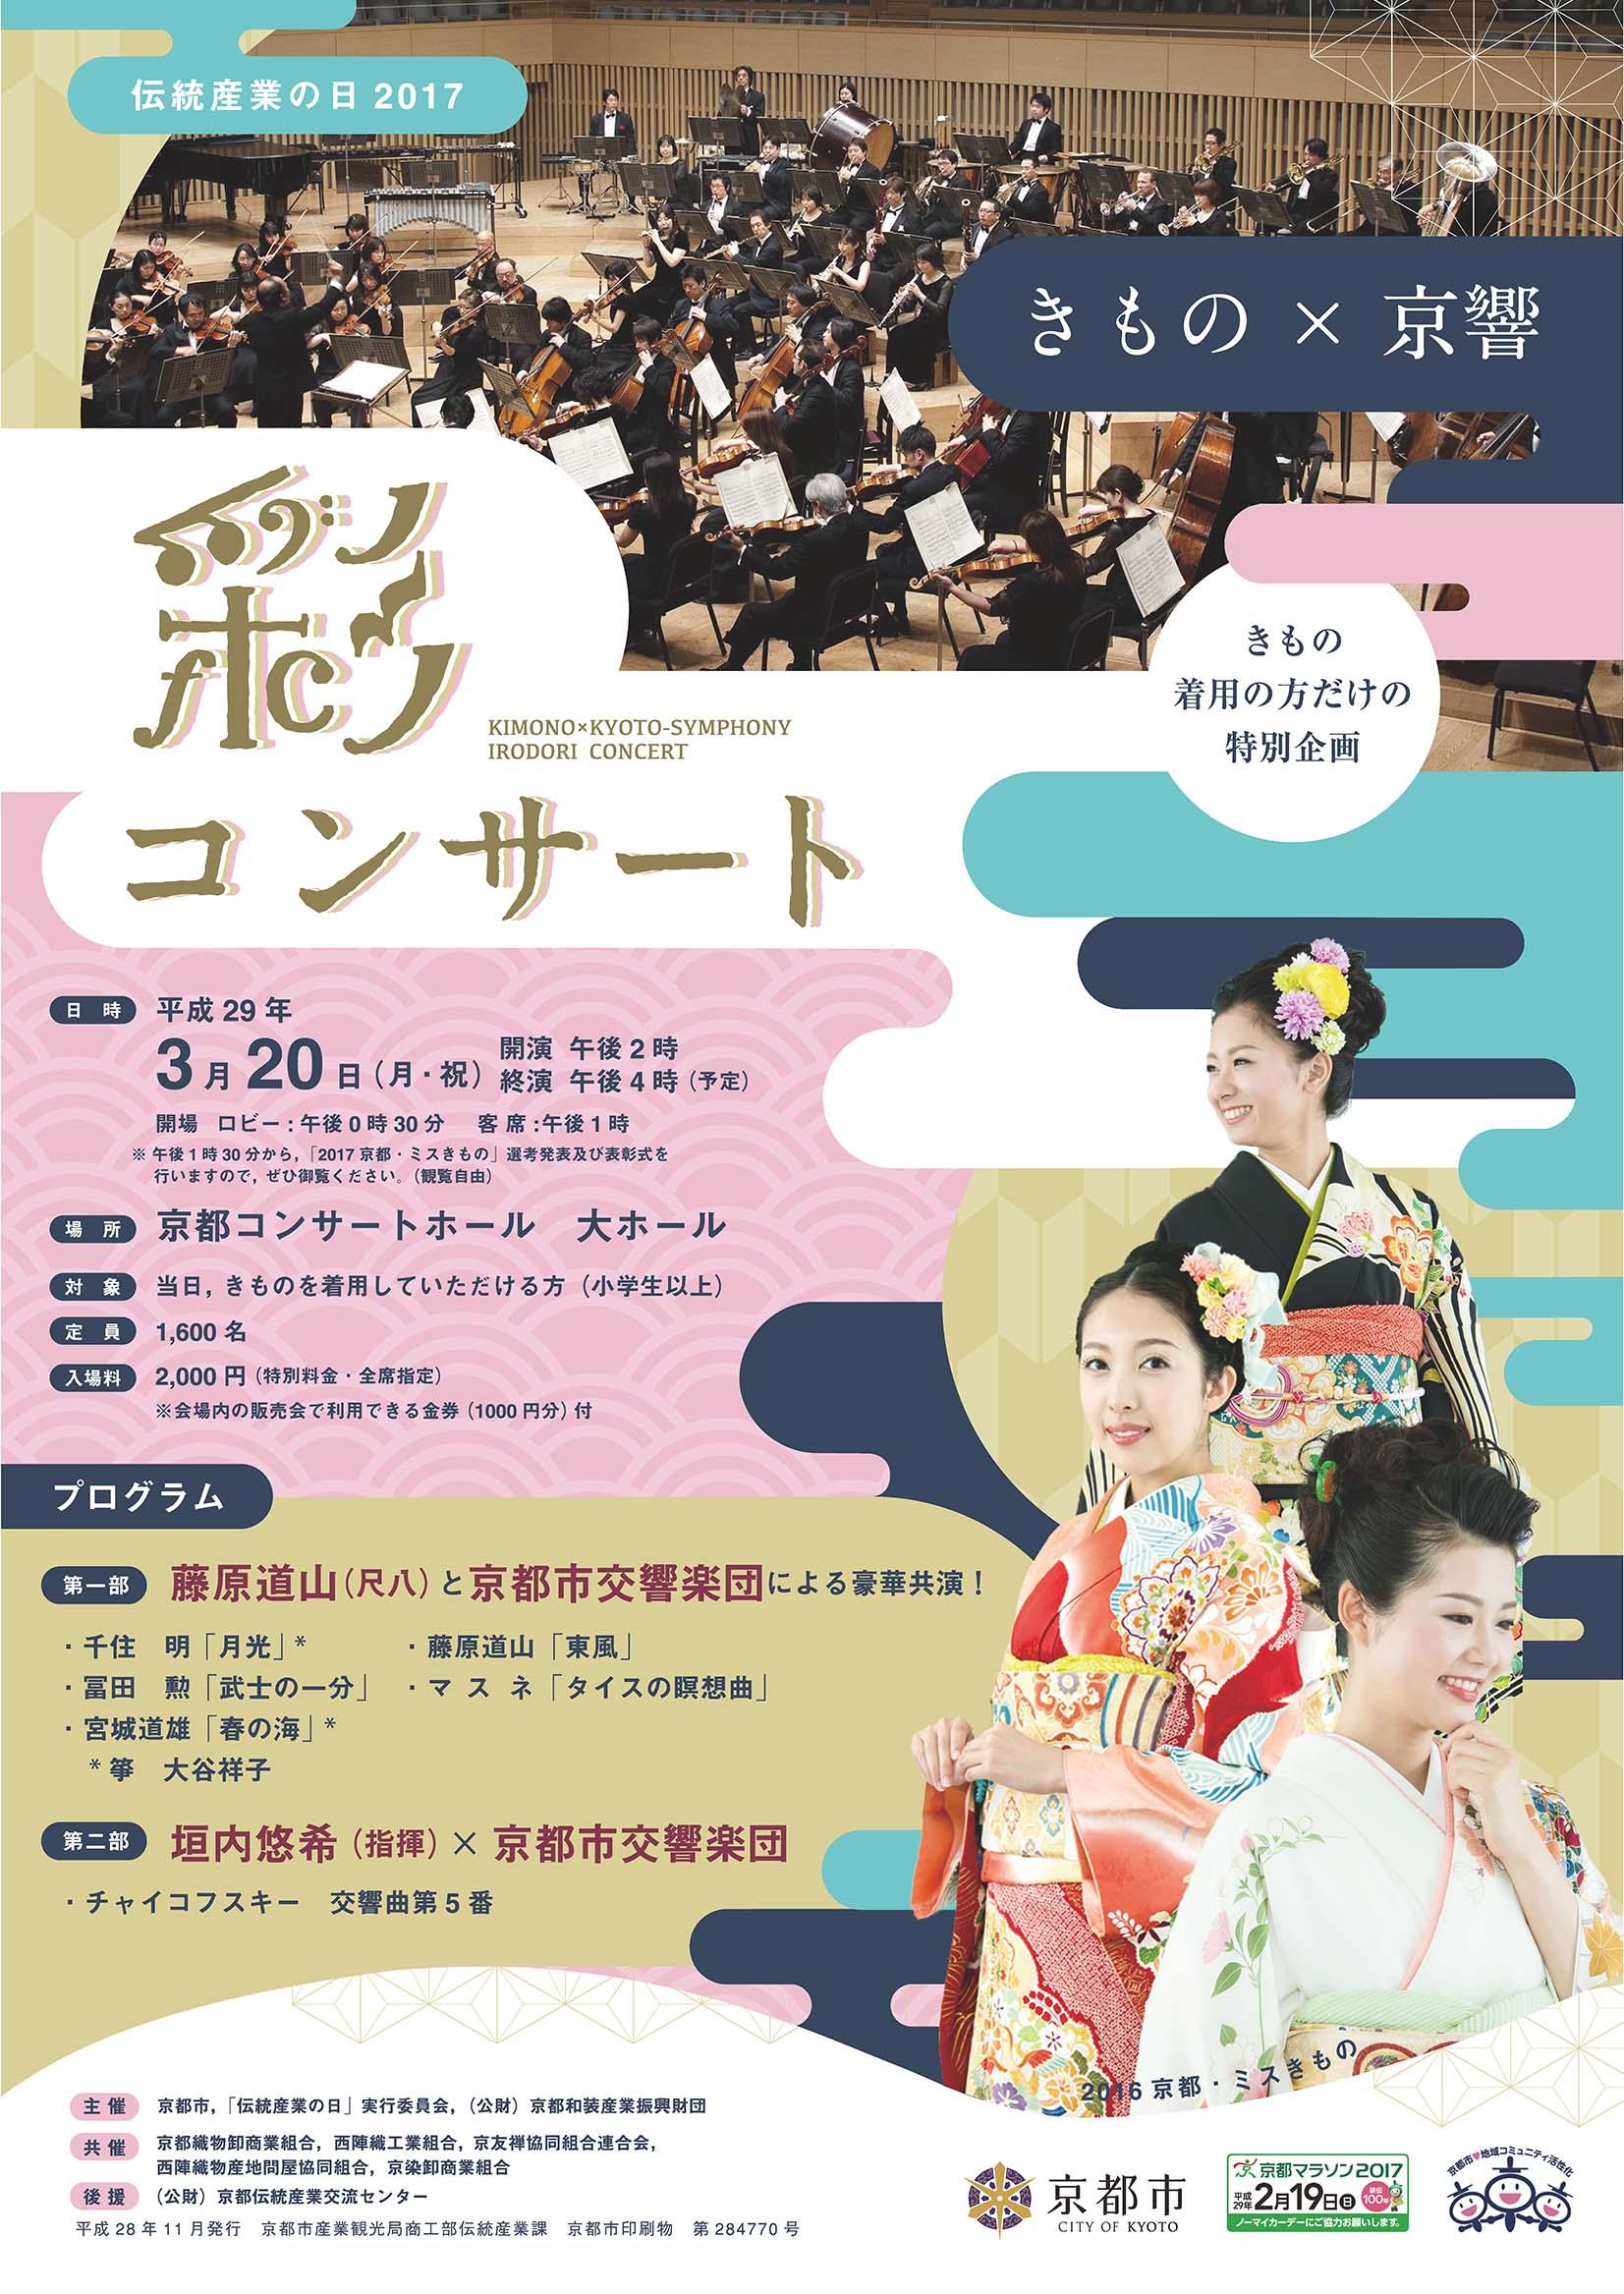 伝統産業の日2017きもの×京響 彩コンサート